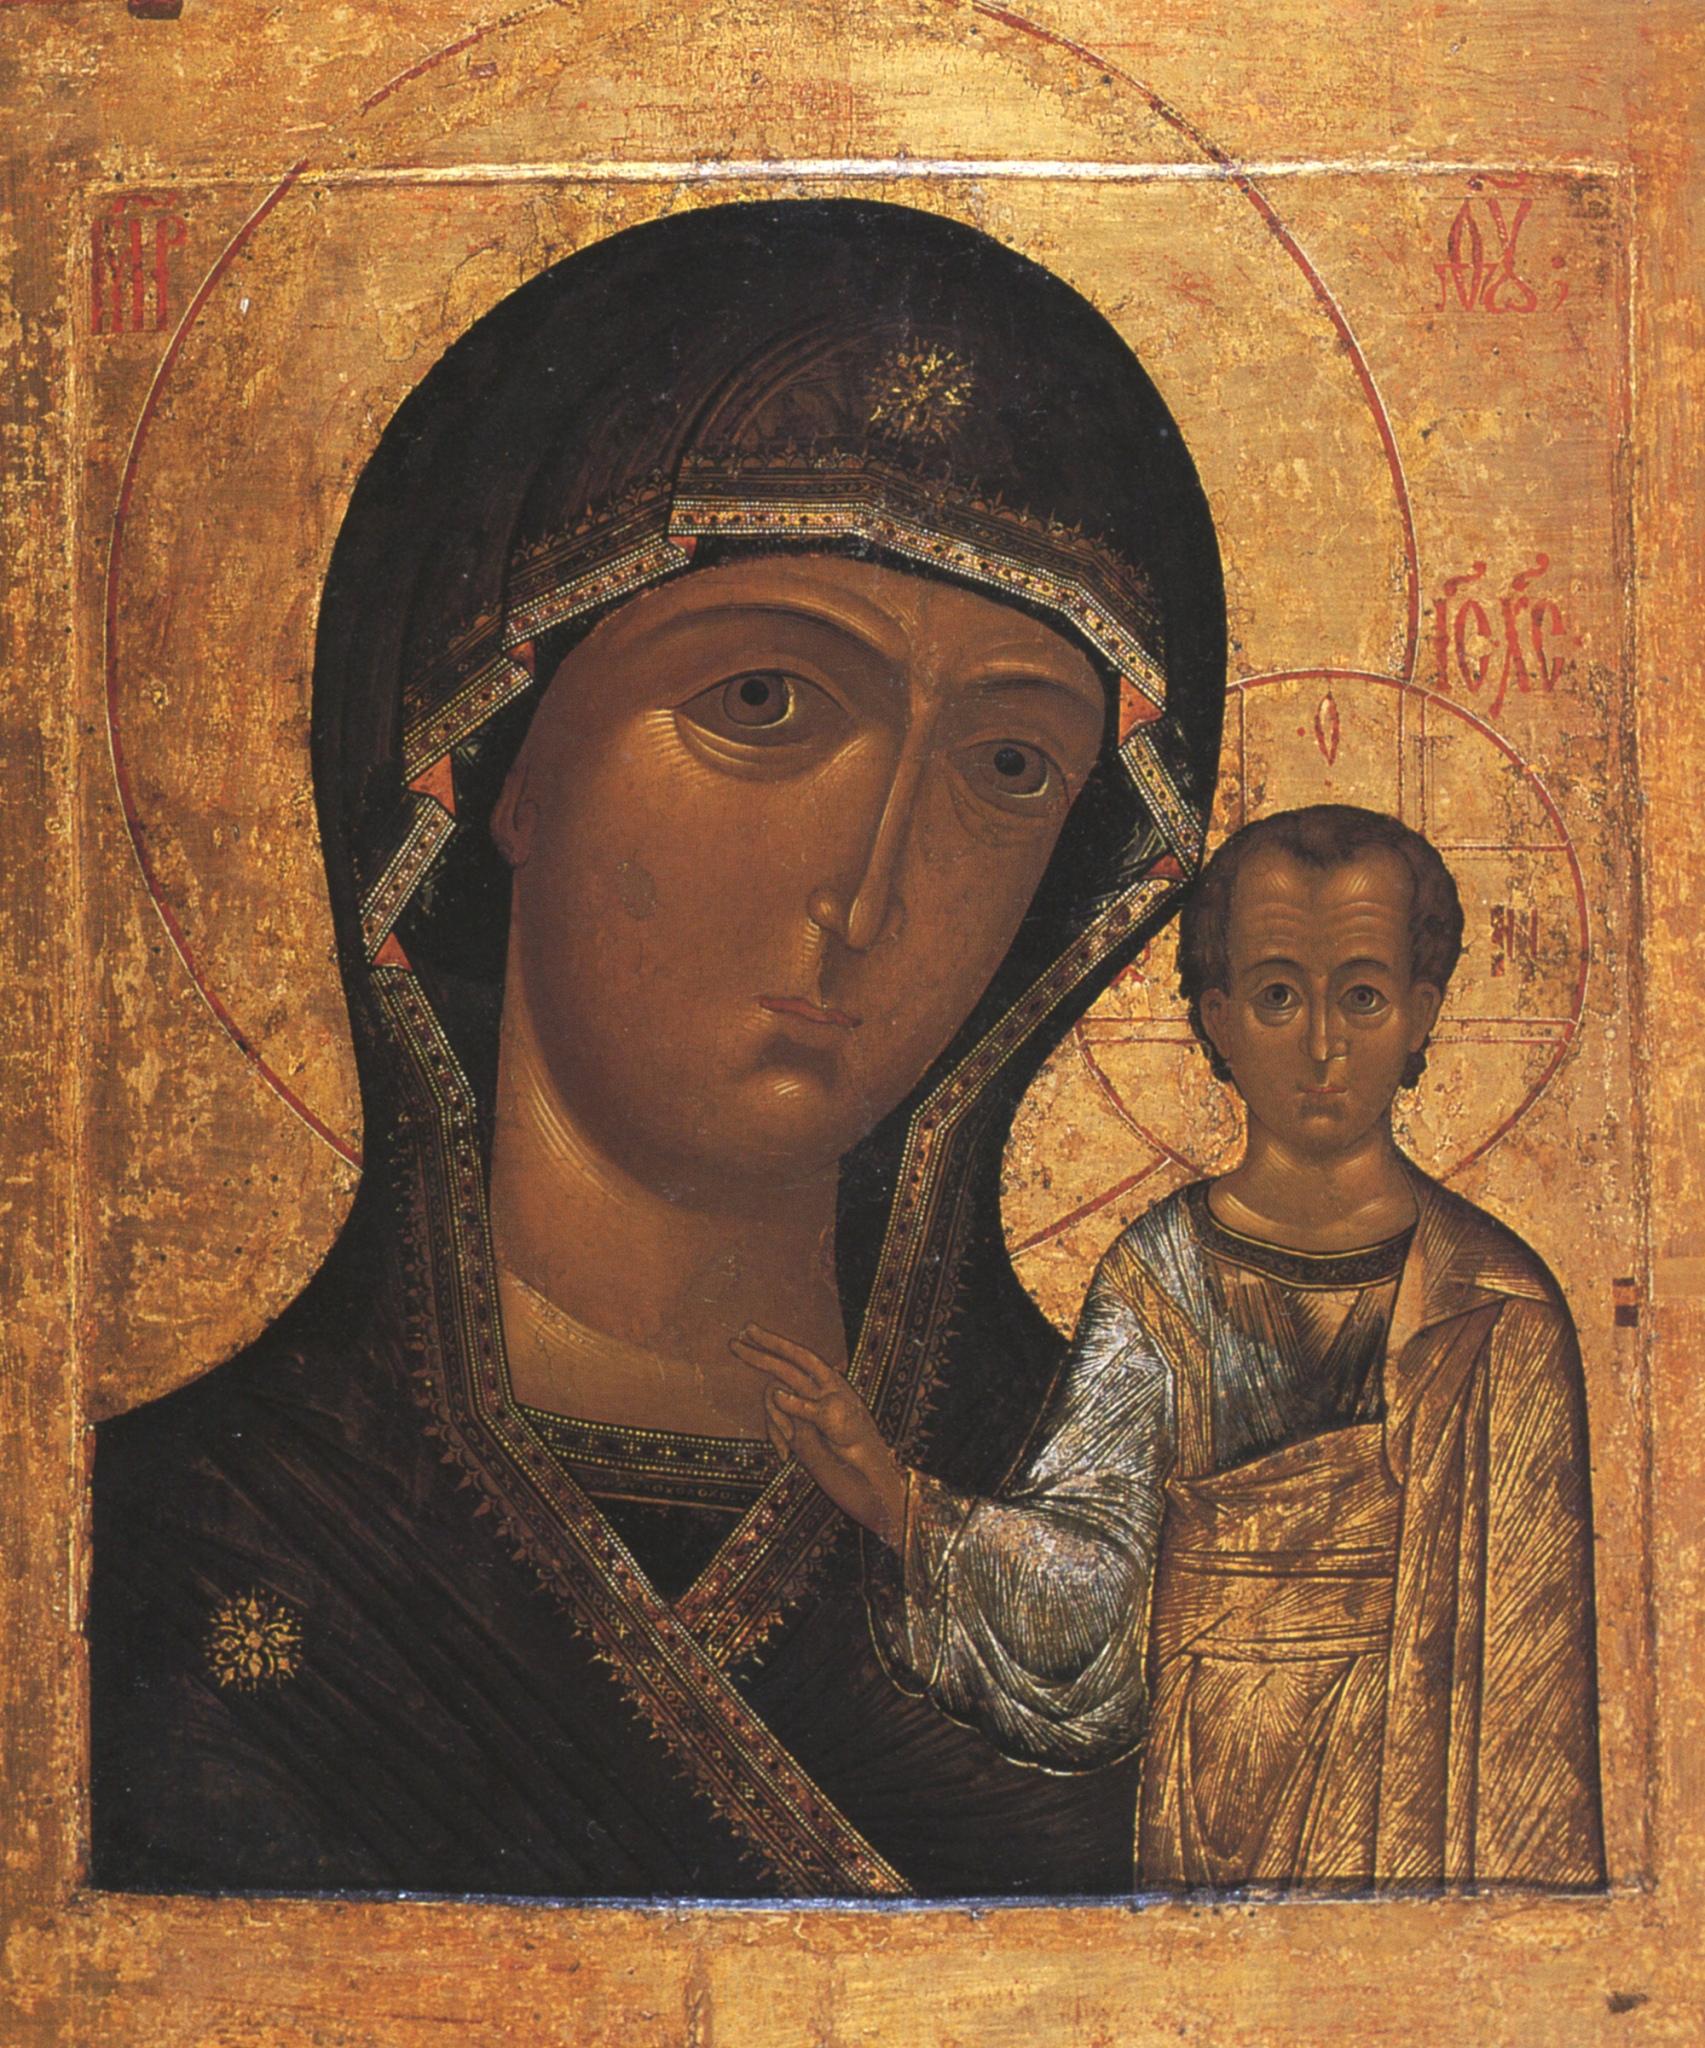 Икона Казанской Божьей Матери в Карабулаке